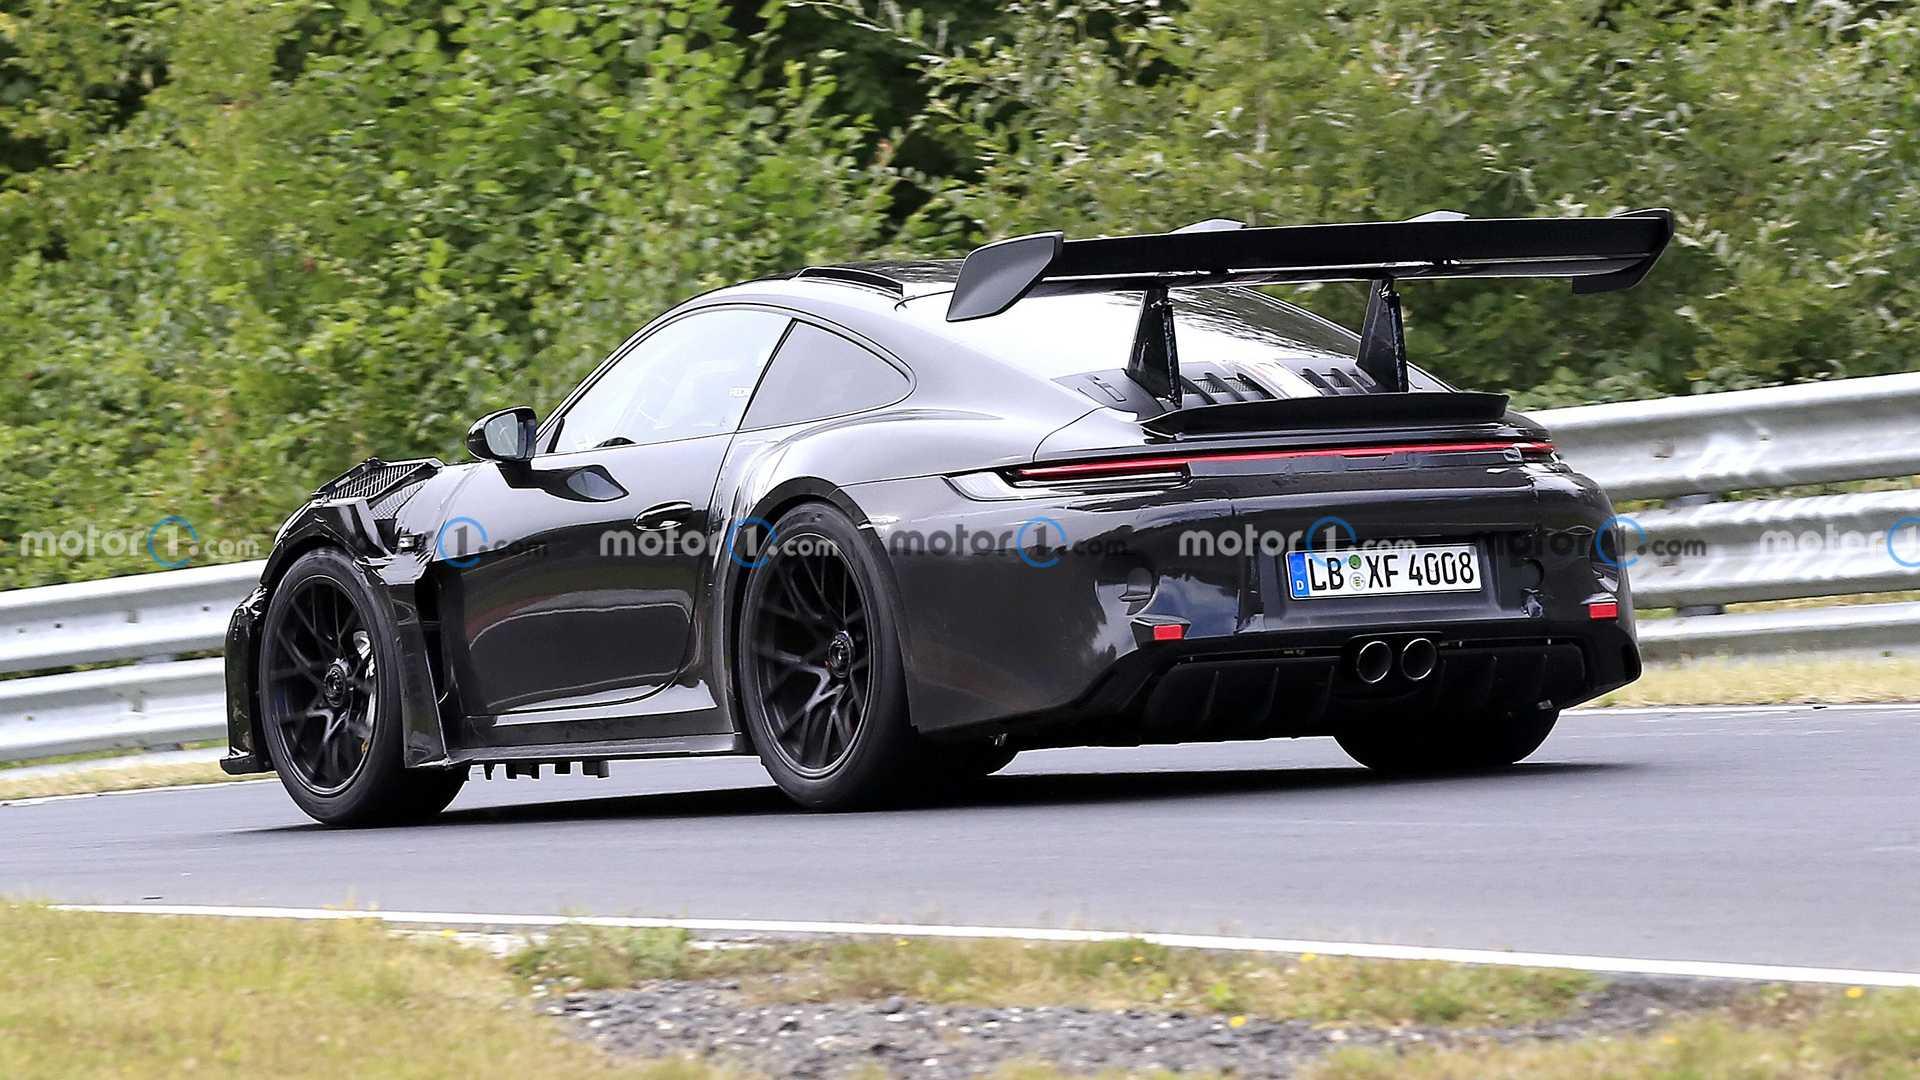 Накануне в Сети была опубликована очередная порция шпионских снимков нового Porsche 911 GT3 RS. Маскировка все еще присутствует, но даже она не в состоянии скрыть тот факт, что машина будет еще агрессивнее, чем раньше.